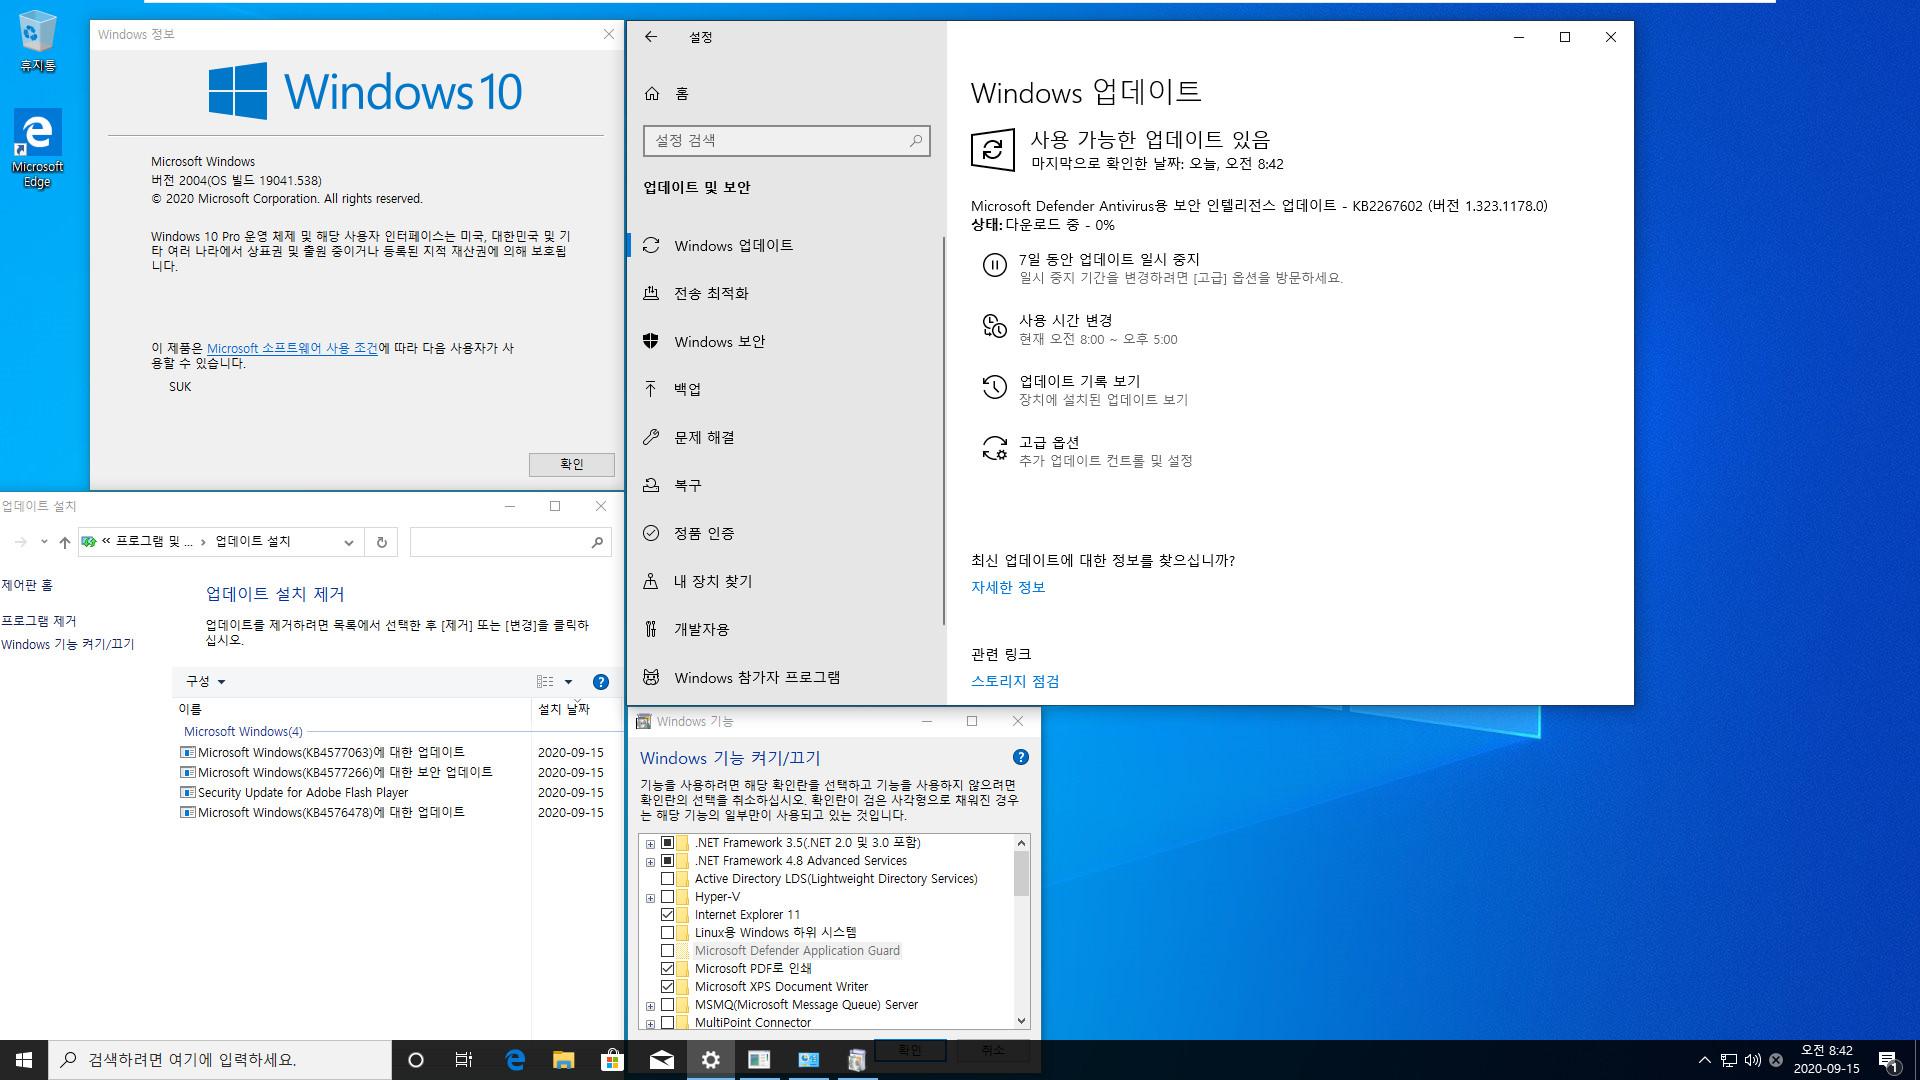 2020-09-15 업데이트 통합 PRO x64 2개 -Windows 10 버전 2004 + 버전 20H2 누적 업데이트 KB4577063 (OS 빌드 19041.538 + 19042.538) - 설치 테스트 2020-09-15_084224.jpg